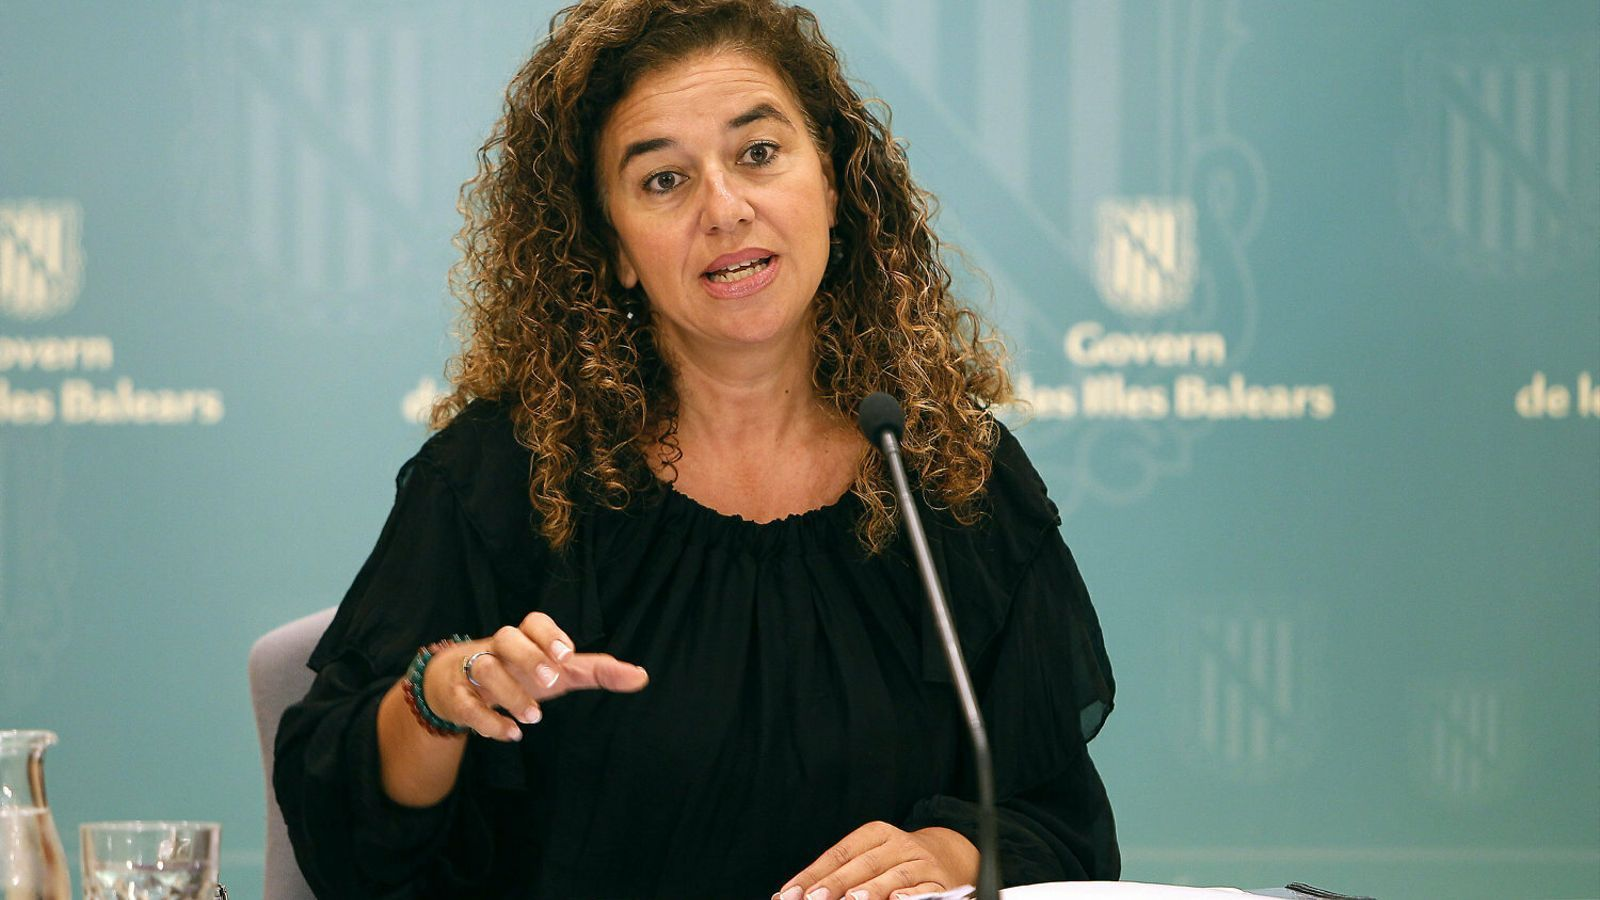 La consellera de Presidència, Cultura i Igualtat i portaveu del Govern, Pilar Costa.